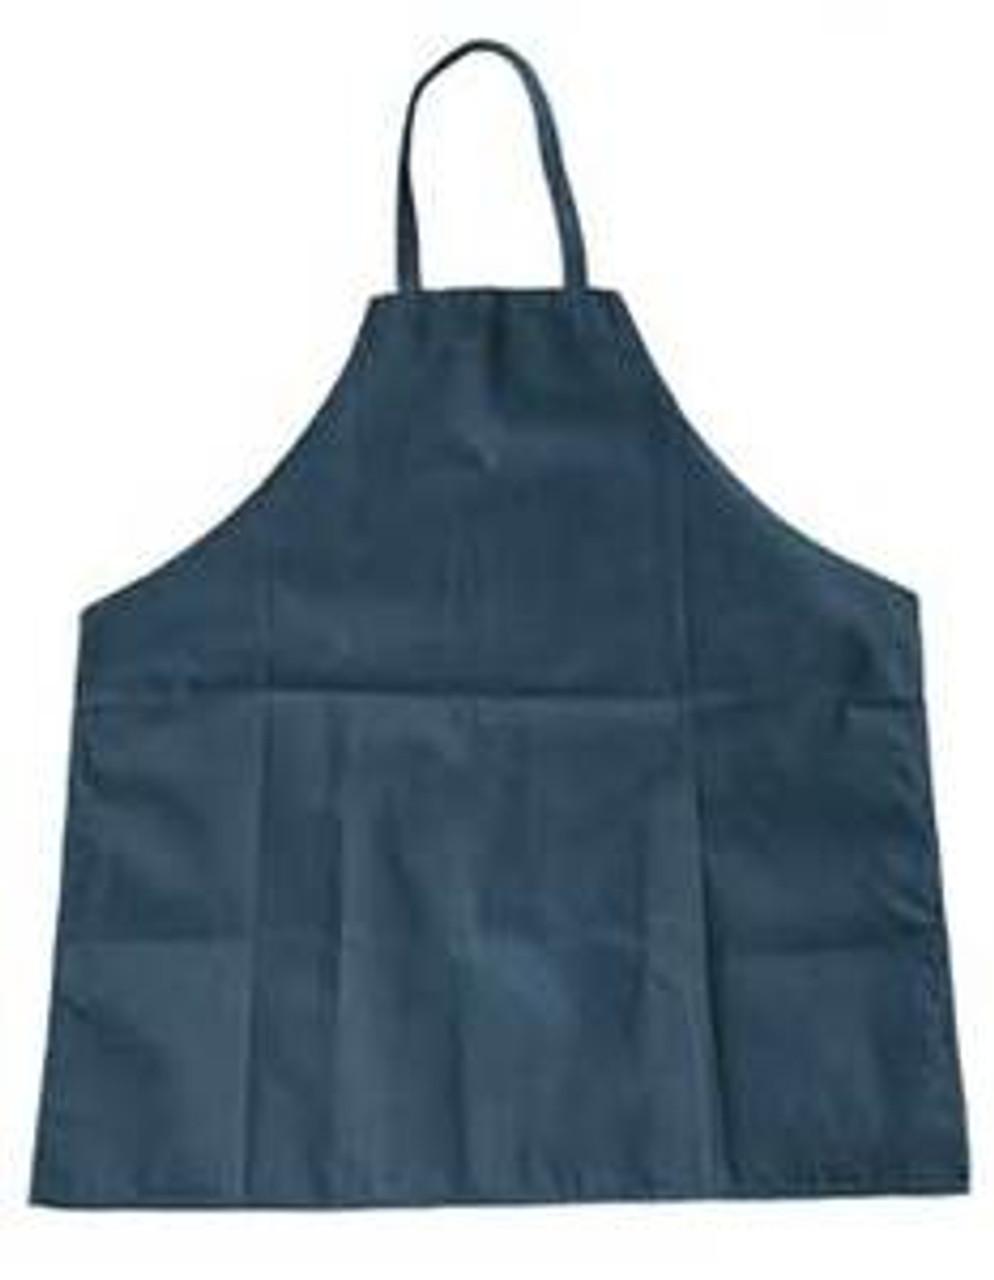 Navy Blue Cotton Apron / Bib, 7 oz